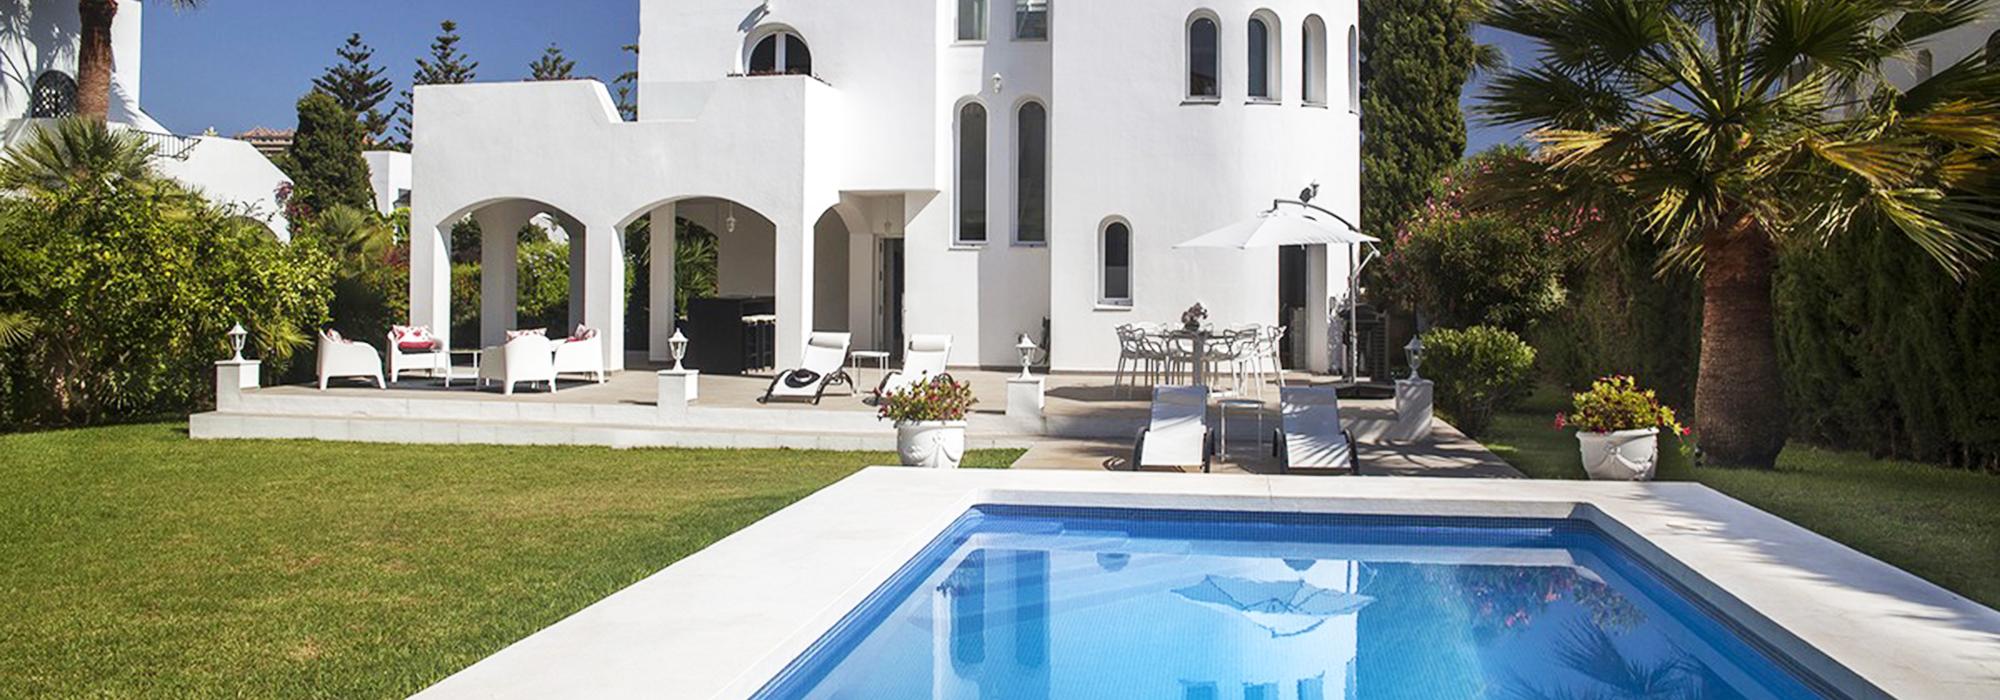 Fantastic Frontline Golf Luxury Villa in Nueva Andalucía